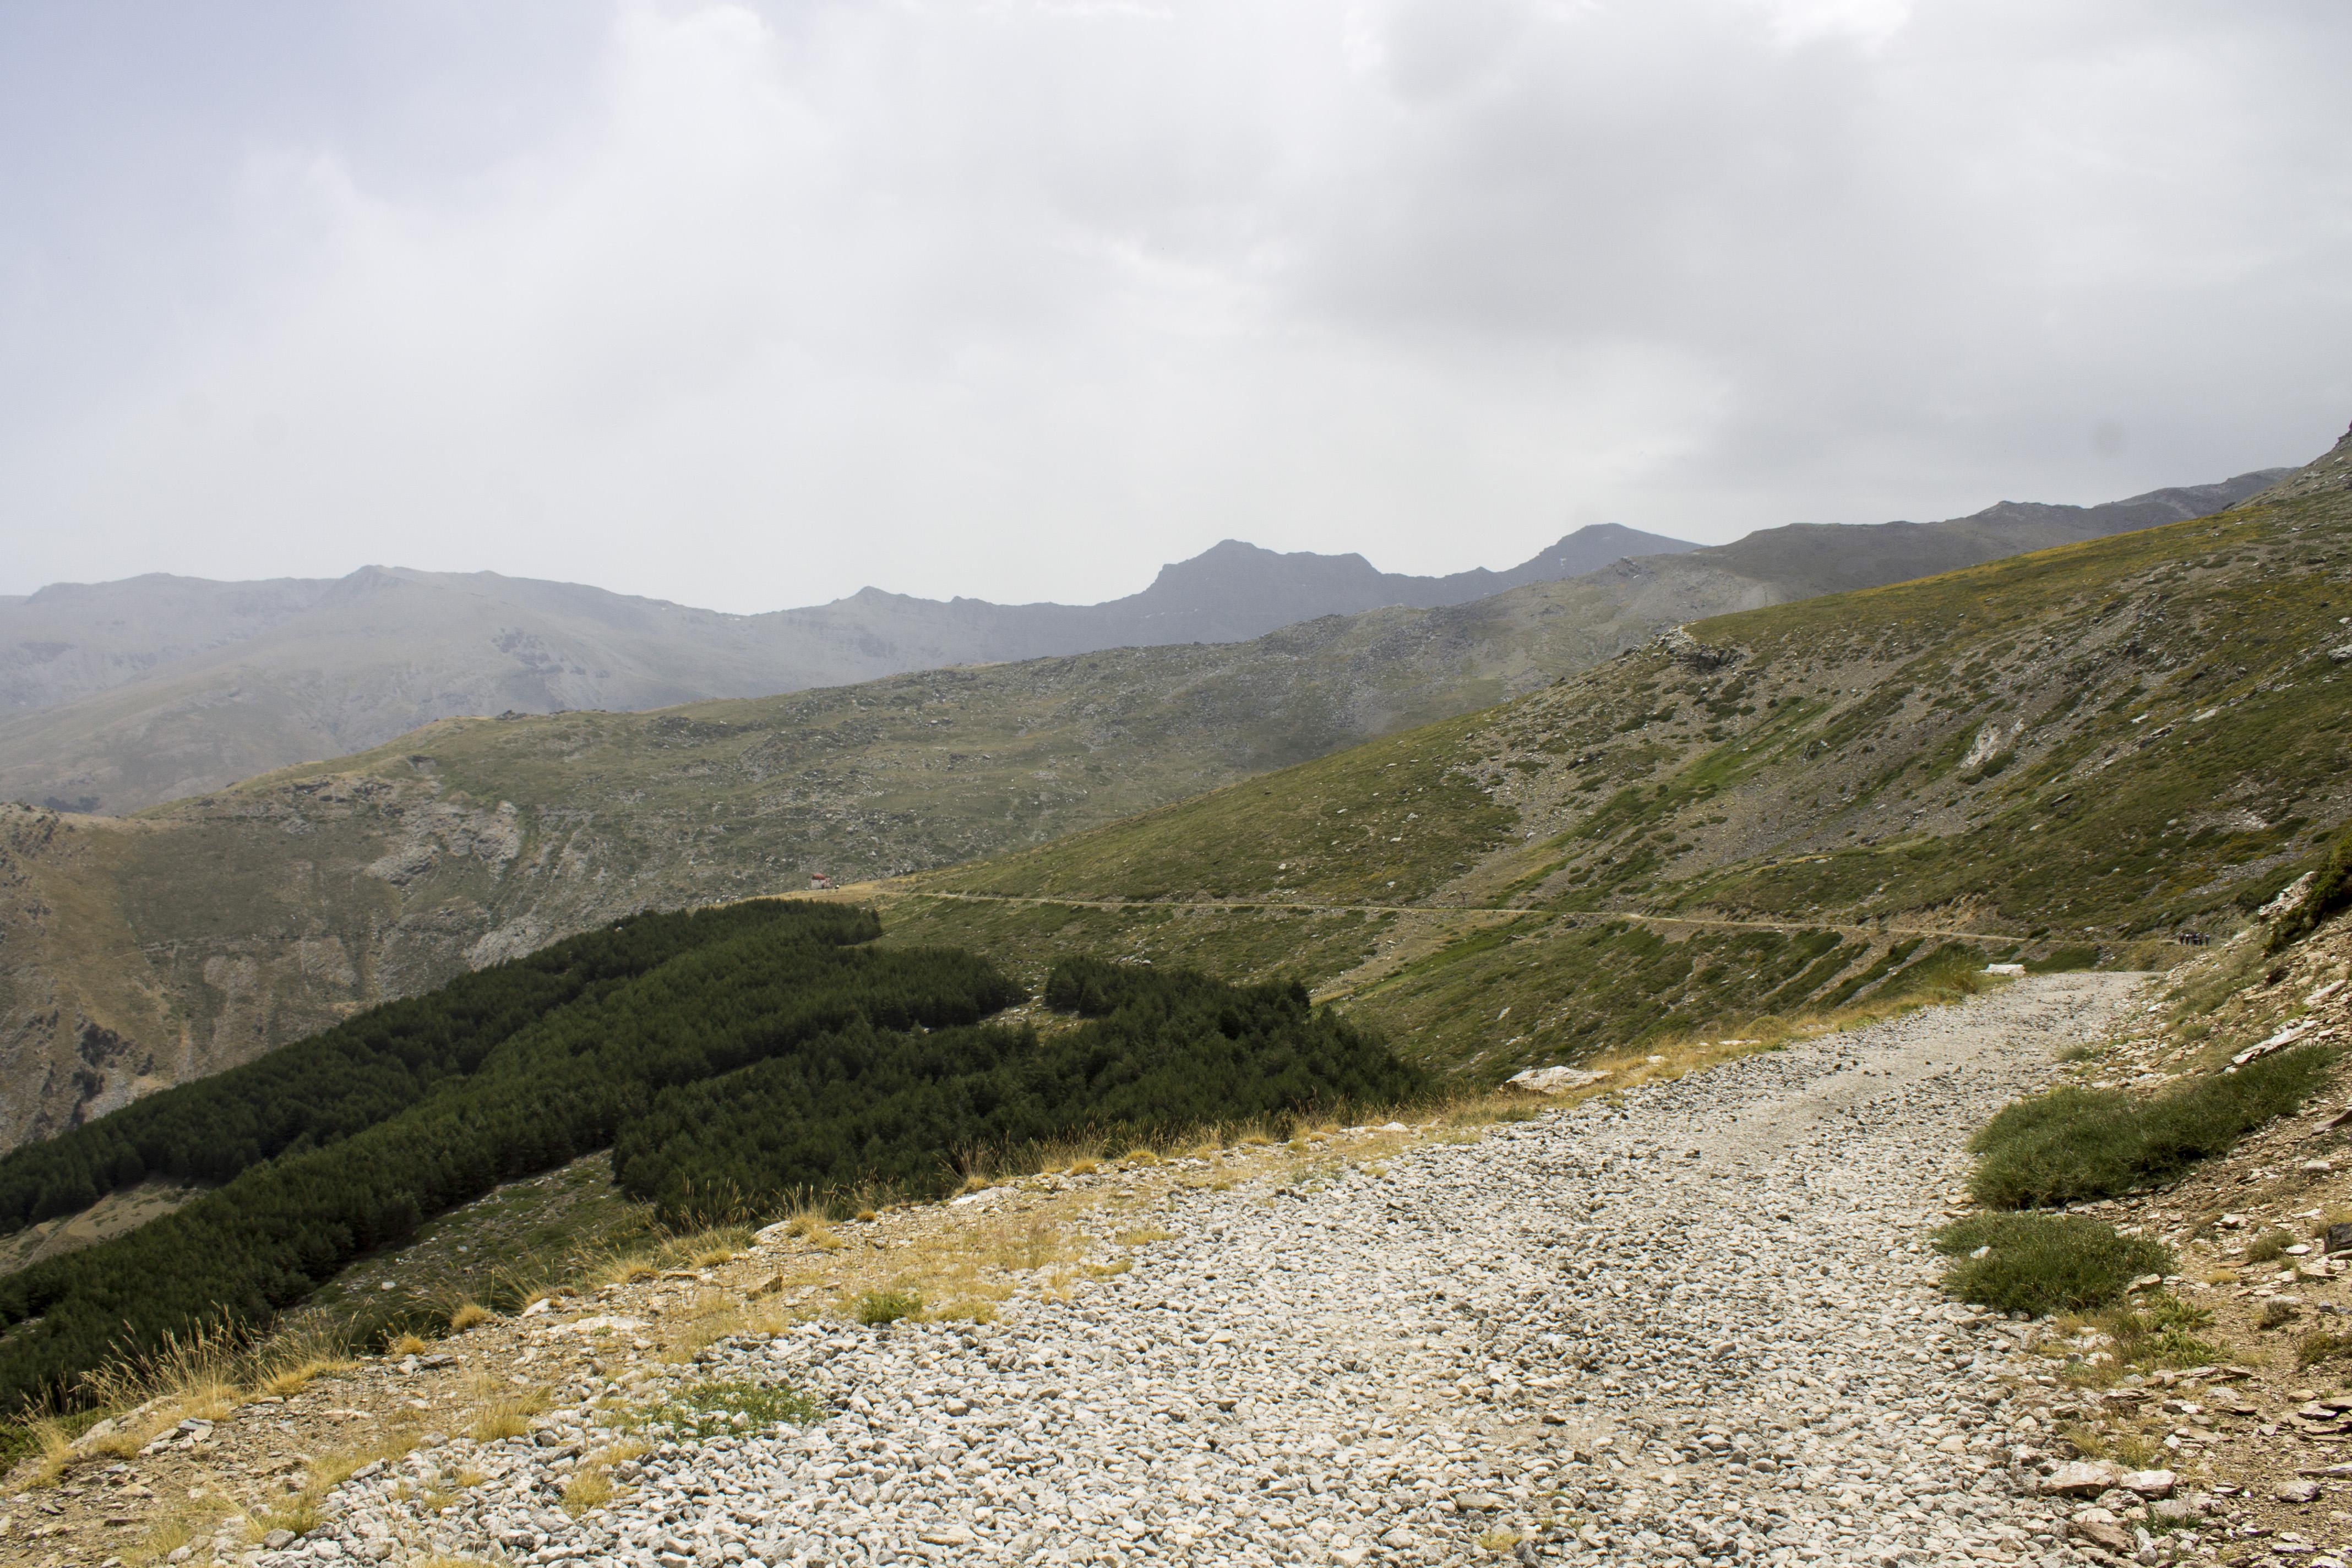 Albergue San Francisco _ Llanos de Otero